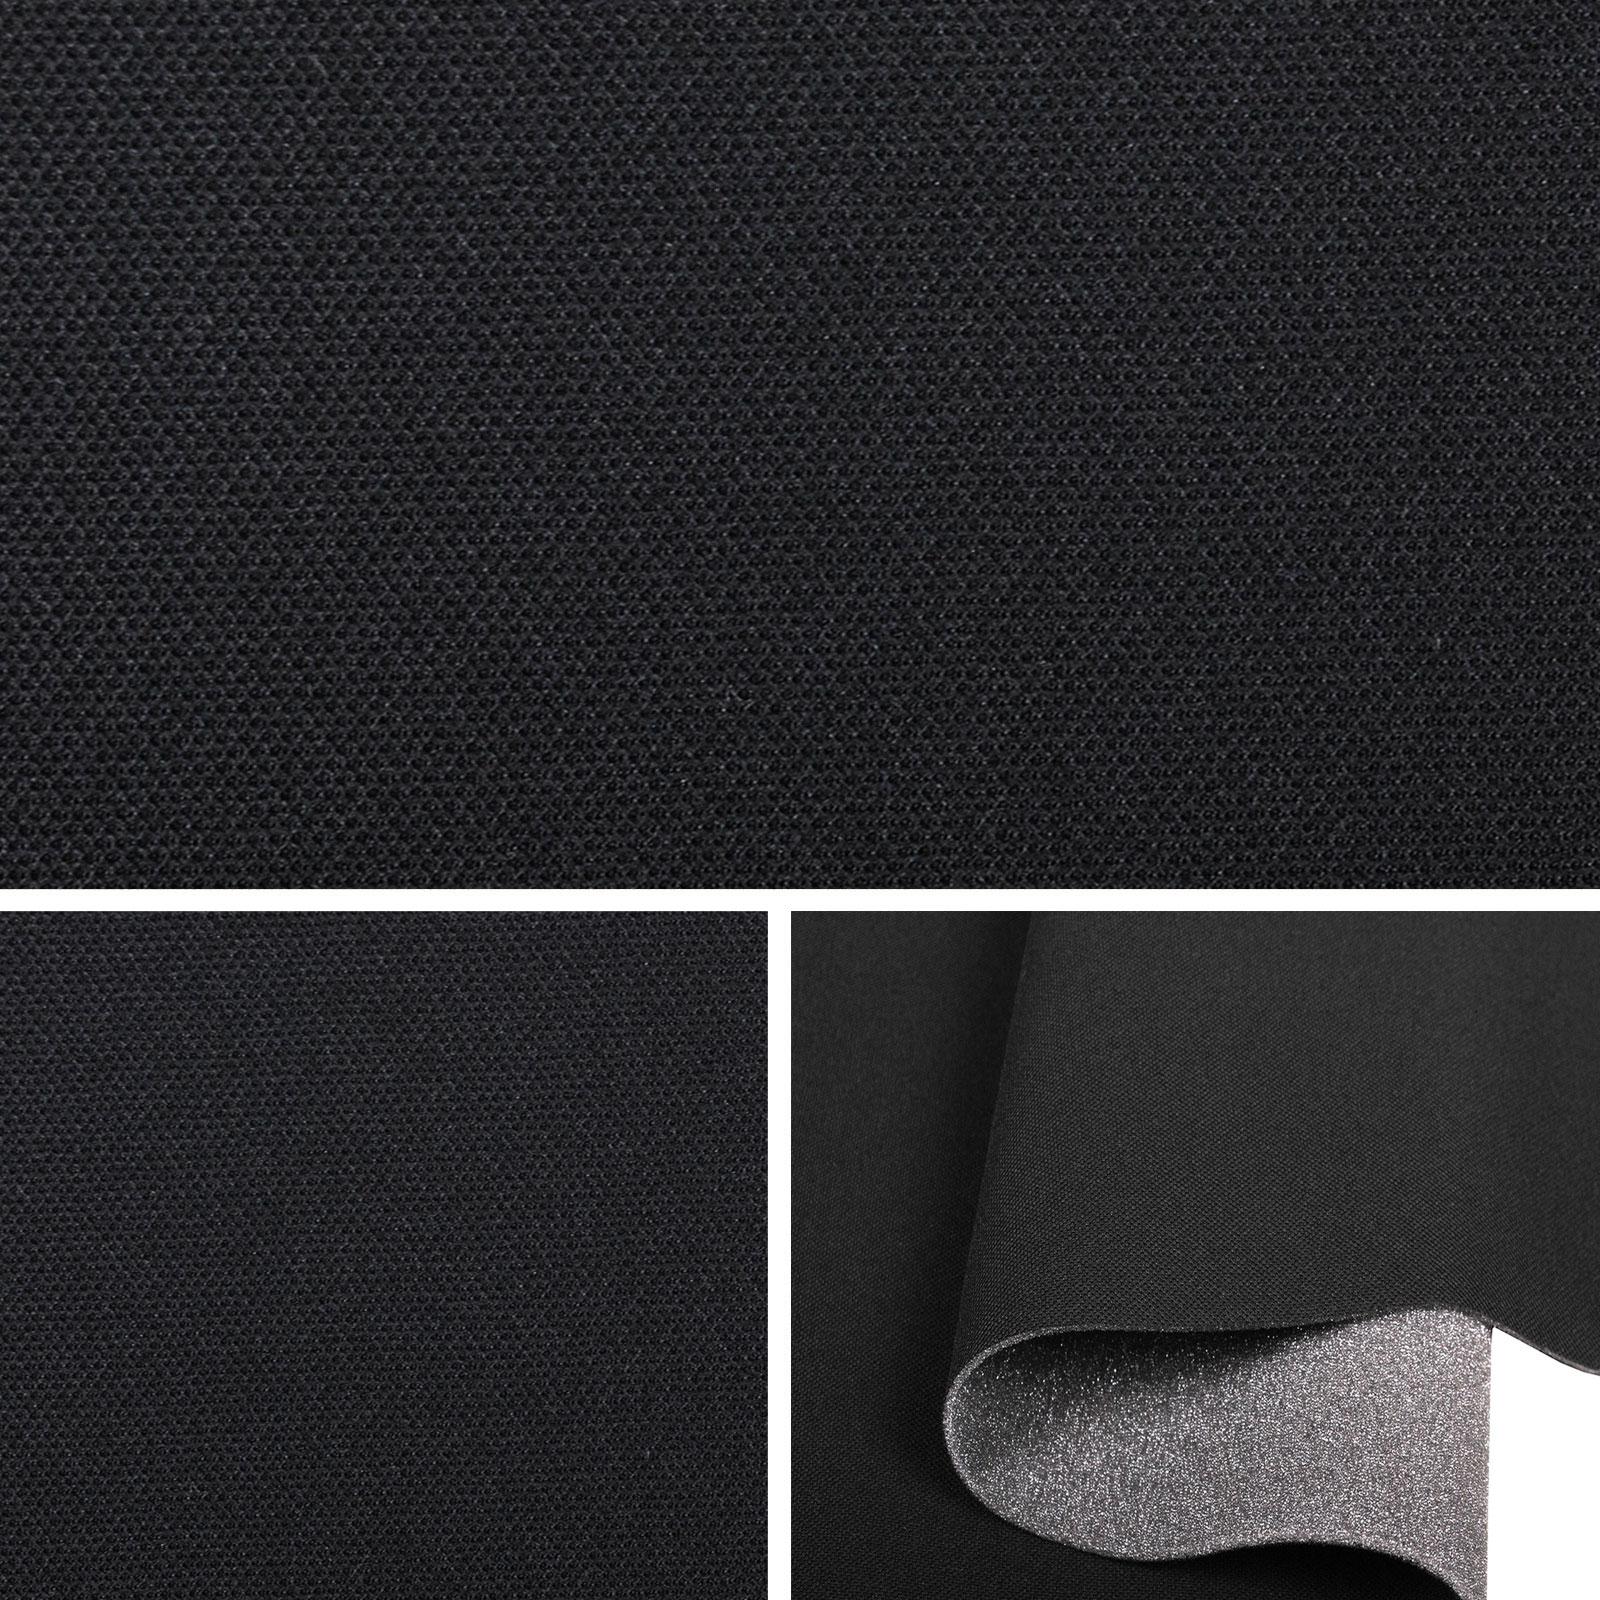 himmelstoff autostoff sam257 schwarz. Black Bedroom Furniture Sets. Home Design Ideas